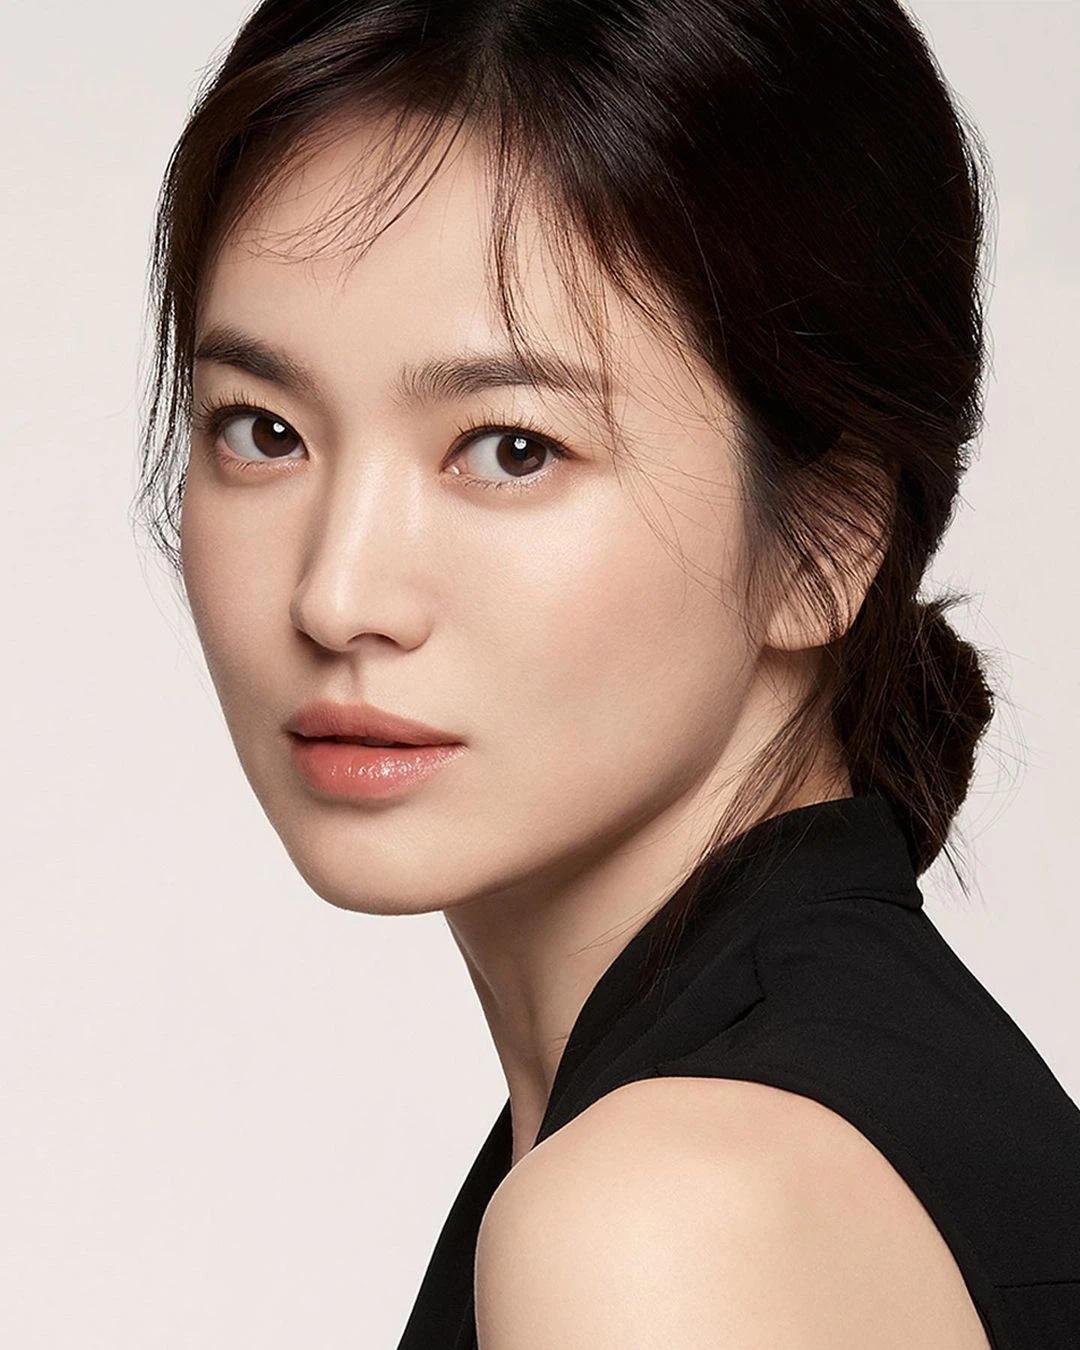 """Nhìn Song Hye Kyo makeup nhạt đã quen, nhưng nếu nhìn cô """"biến hình"""" makeup đậm qua ảnh của fan thì bạn sẽ ngỡ ngàng - Ảnh 2."""